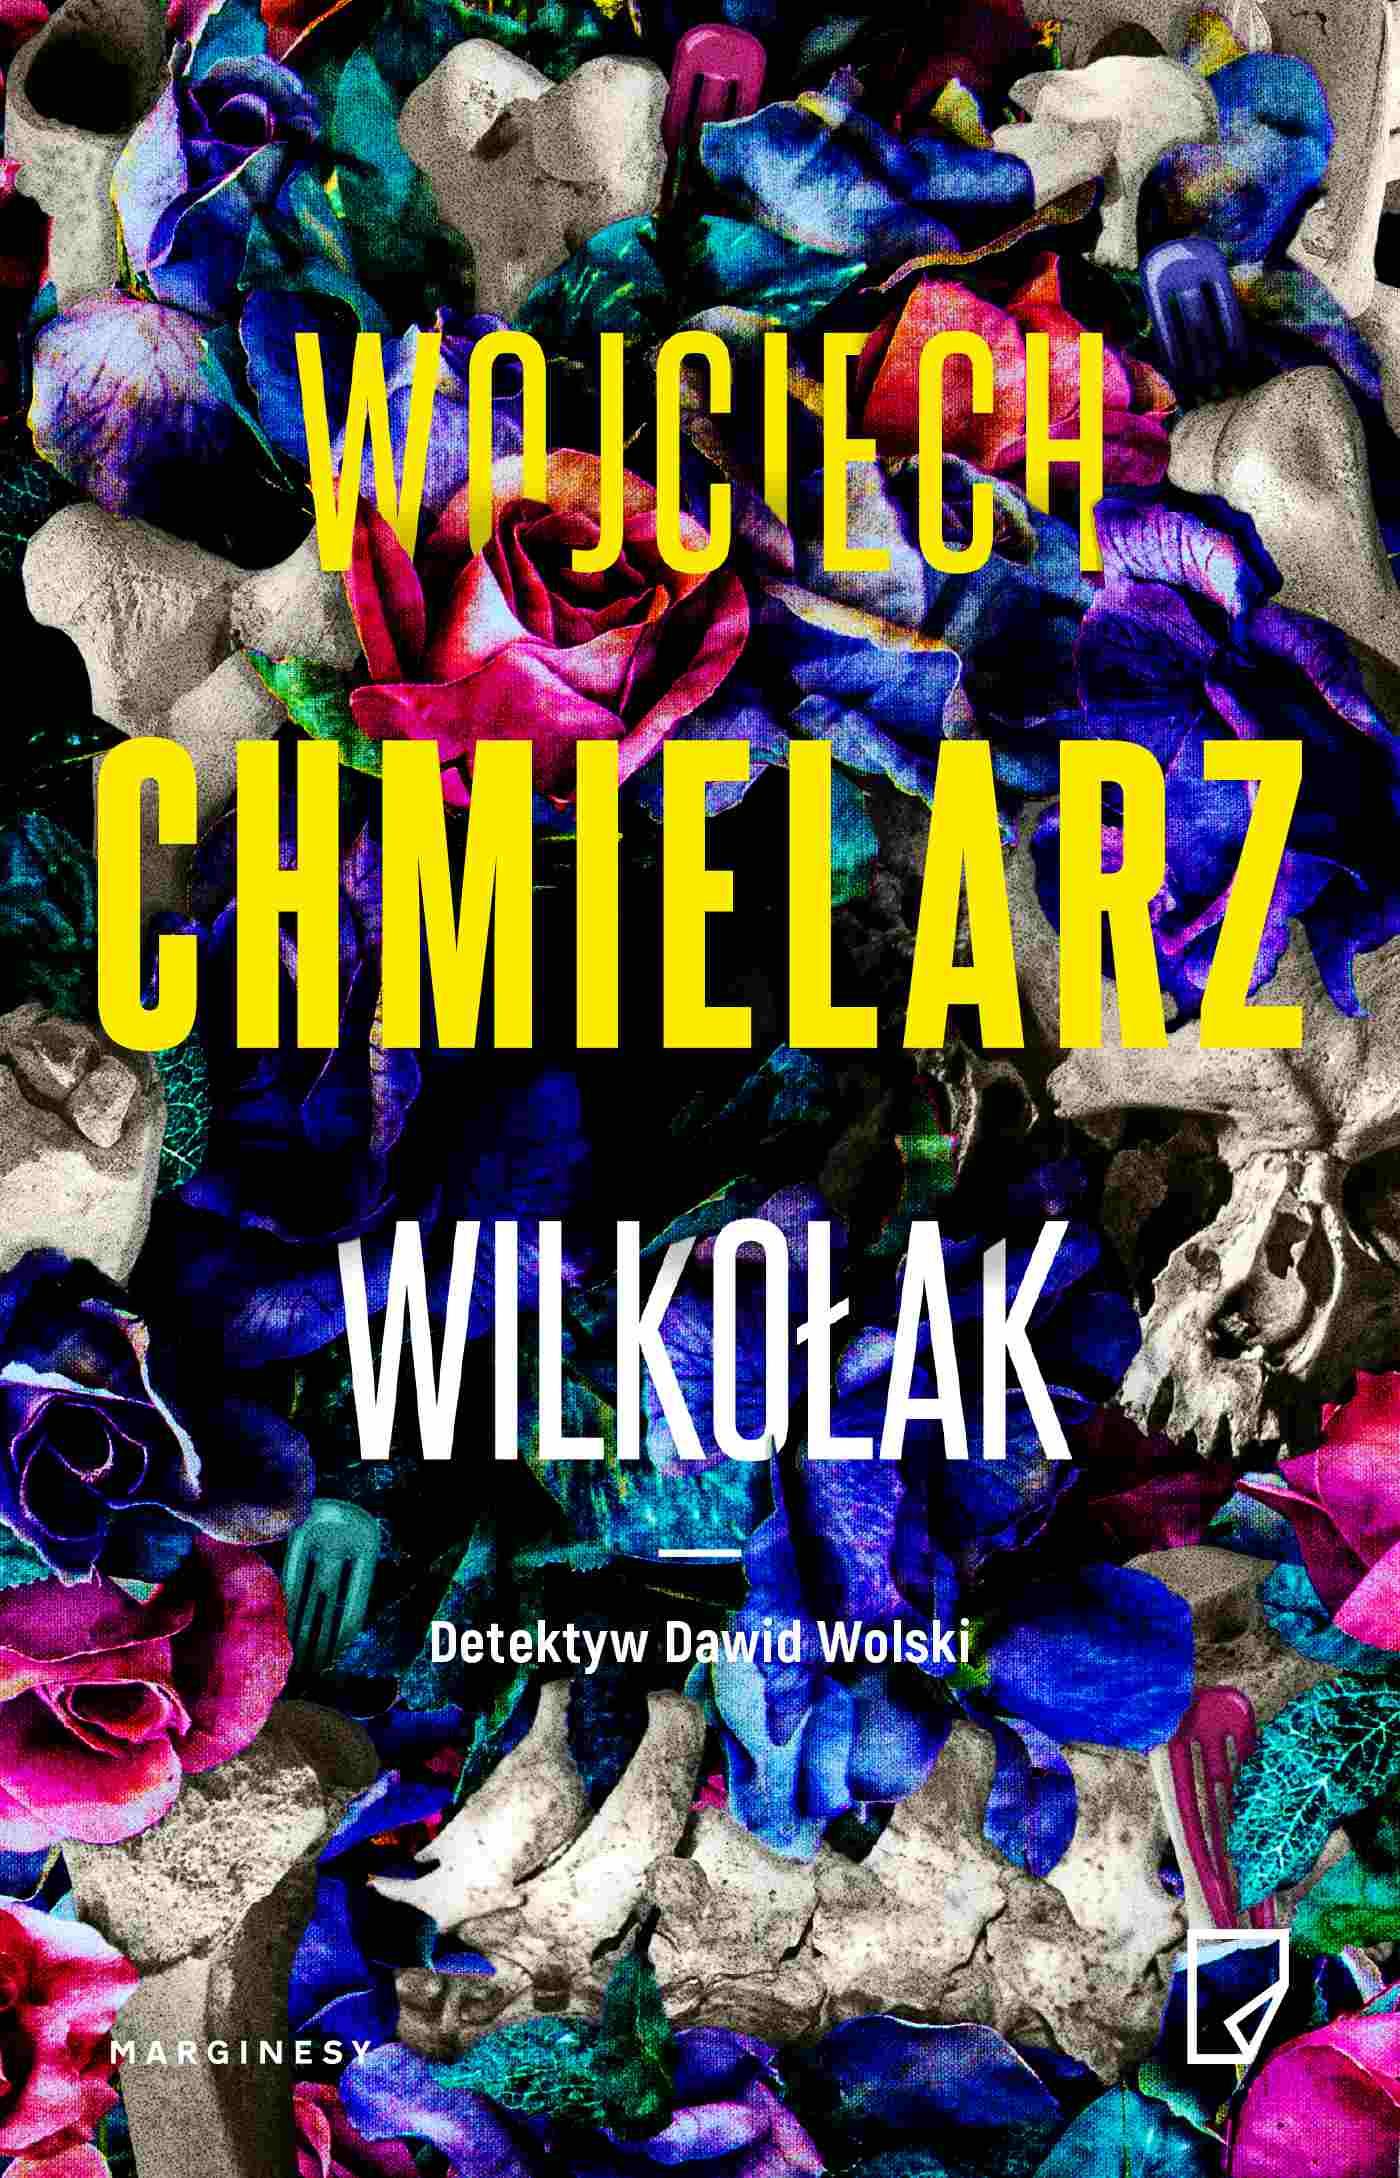 Wilkołak - Ebook (Książka na Kindle) do pobrania w formacie MOBI